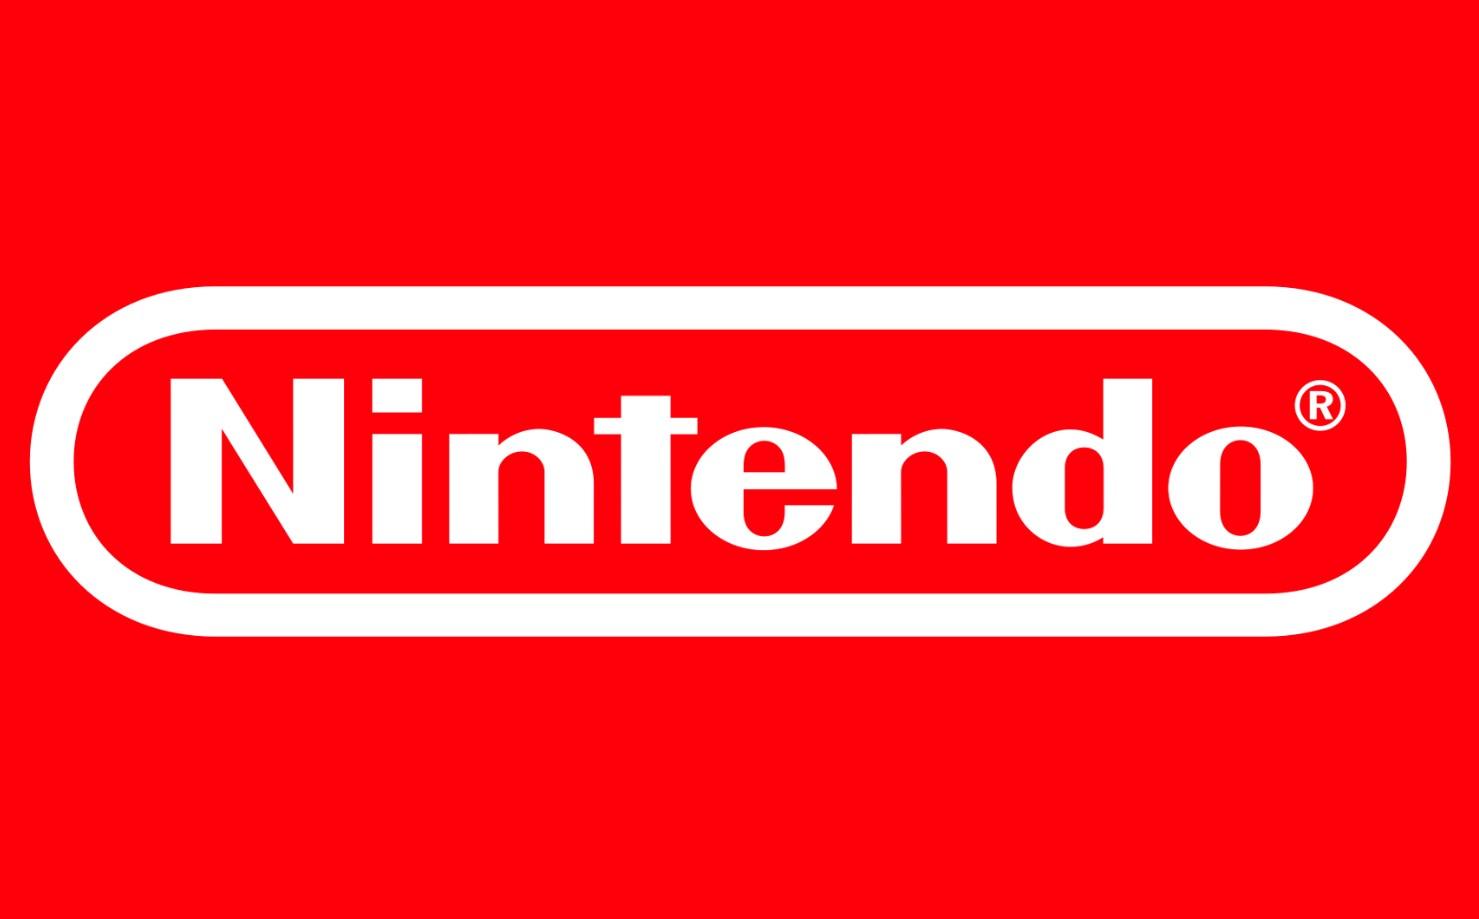 Las filtraciones de Nintendo continúan con el lanzamiento masivo de prototipos de juegos, código fuente y más